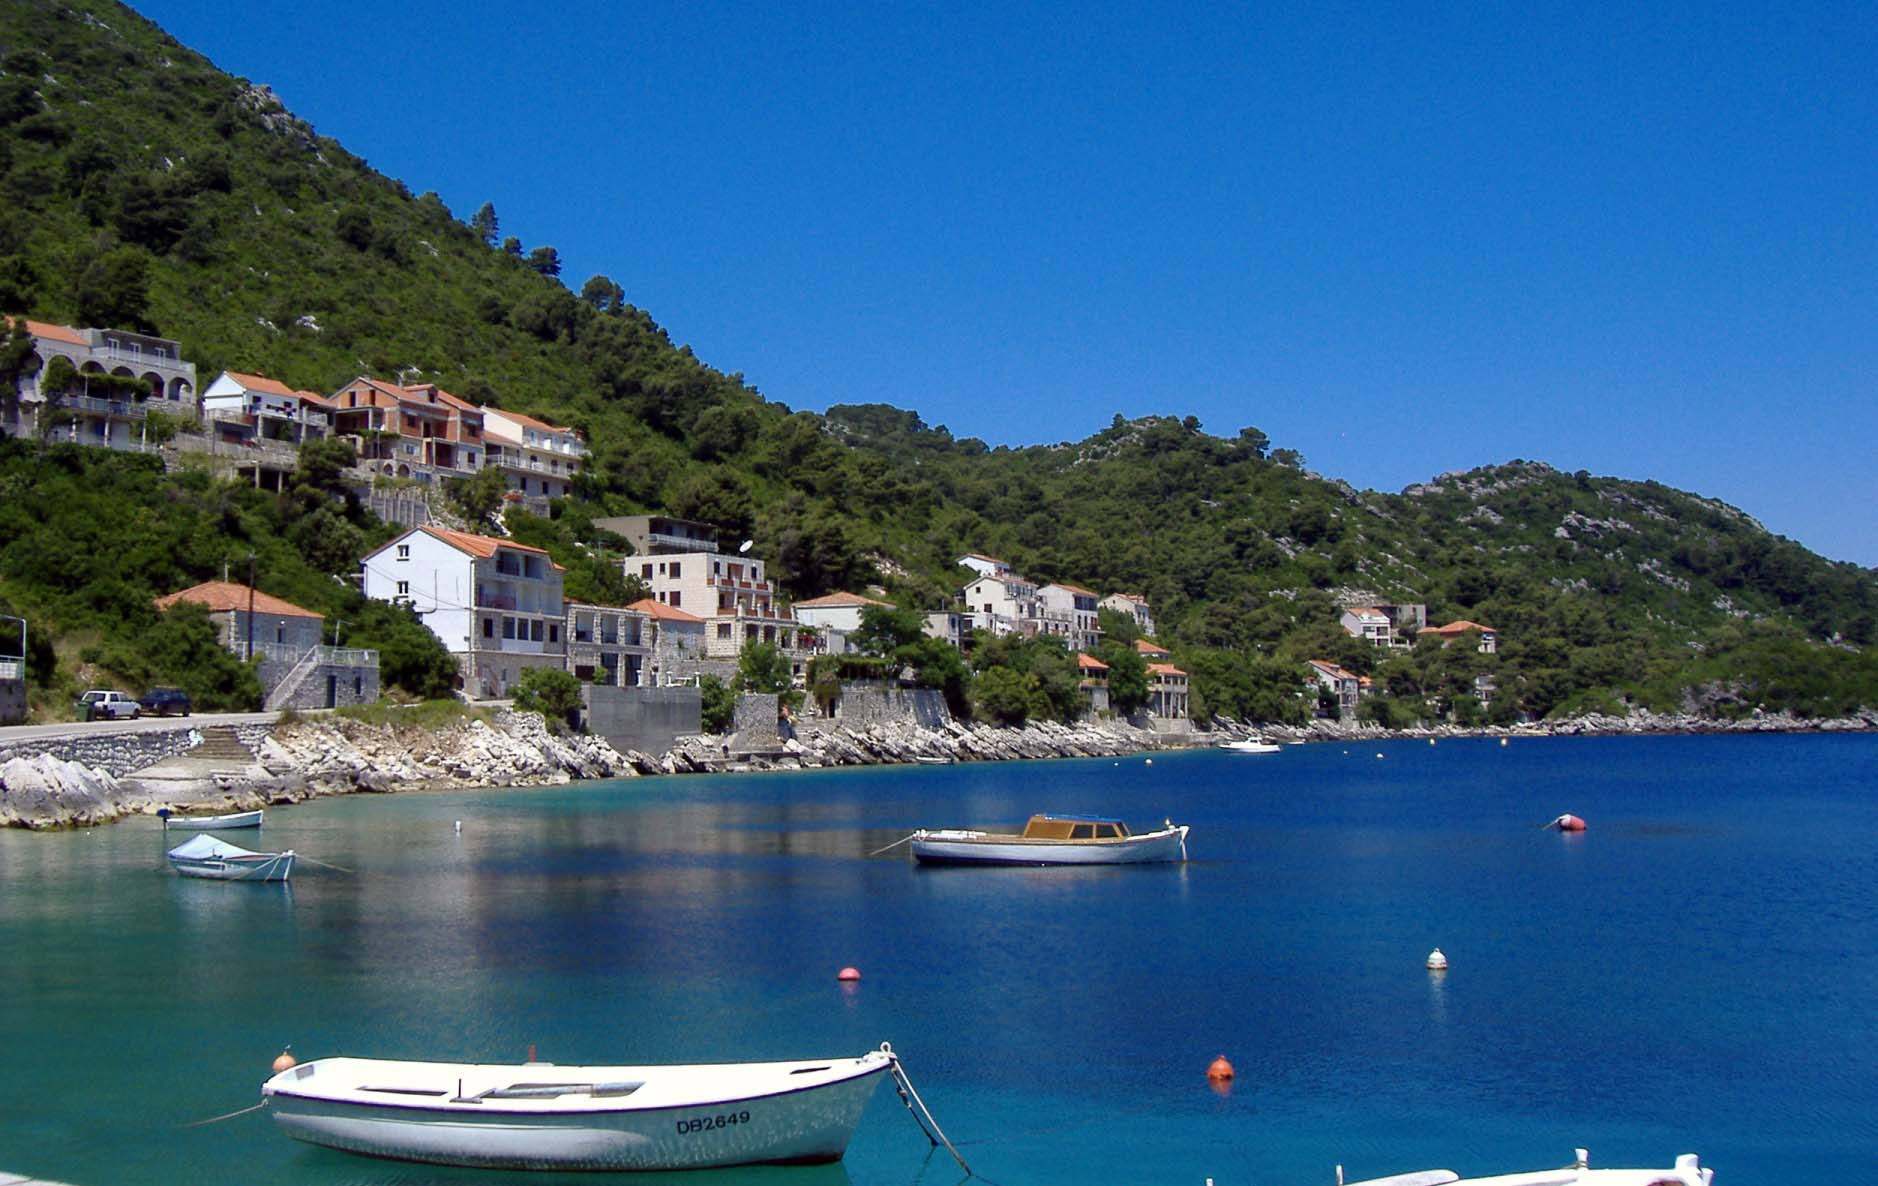 Croatia Sailing Destinations - Sobra